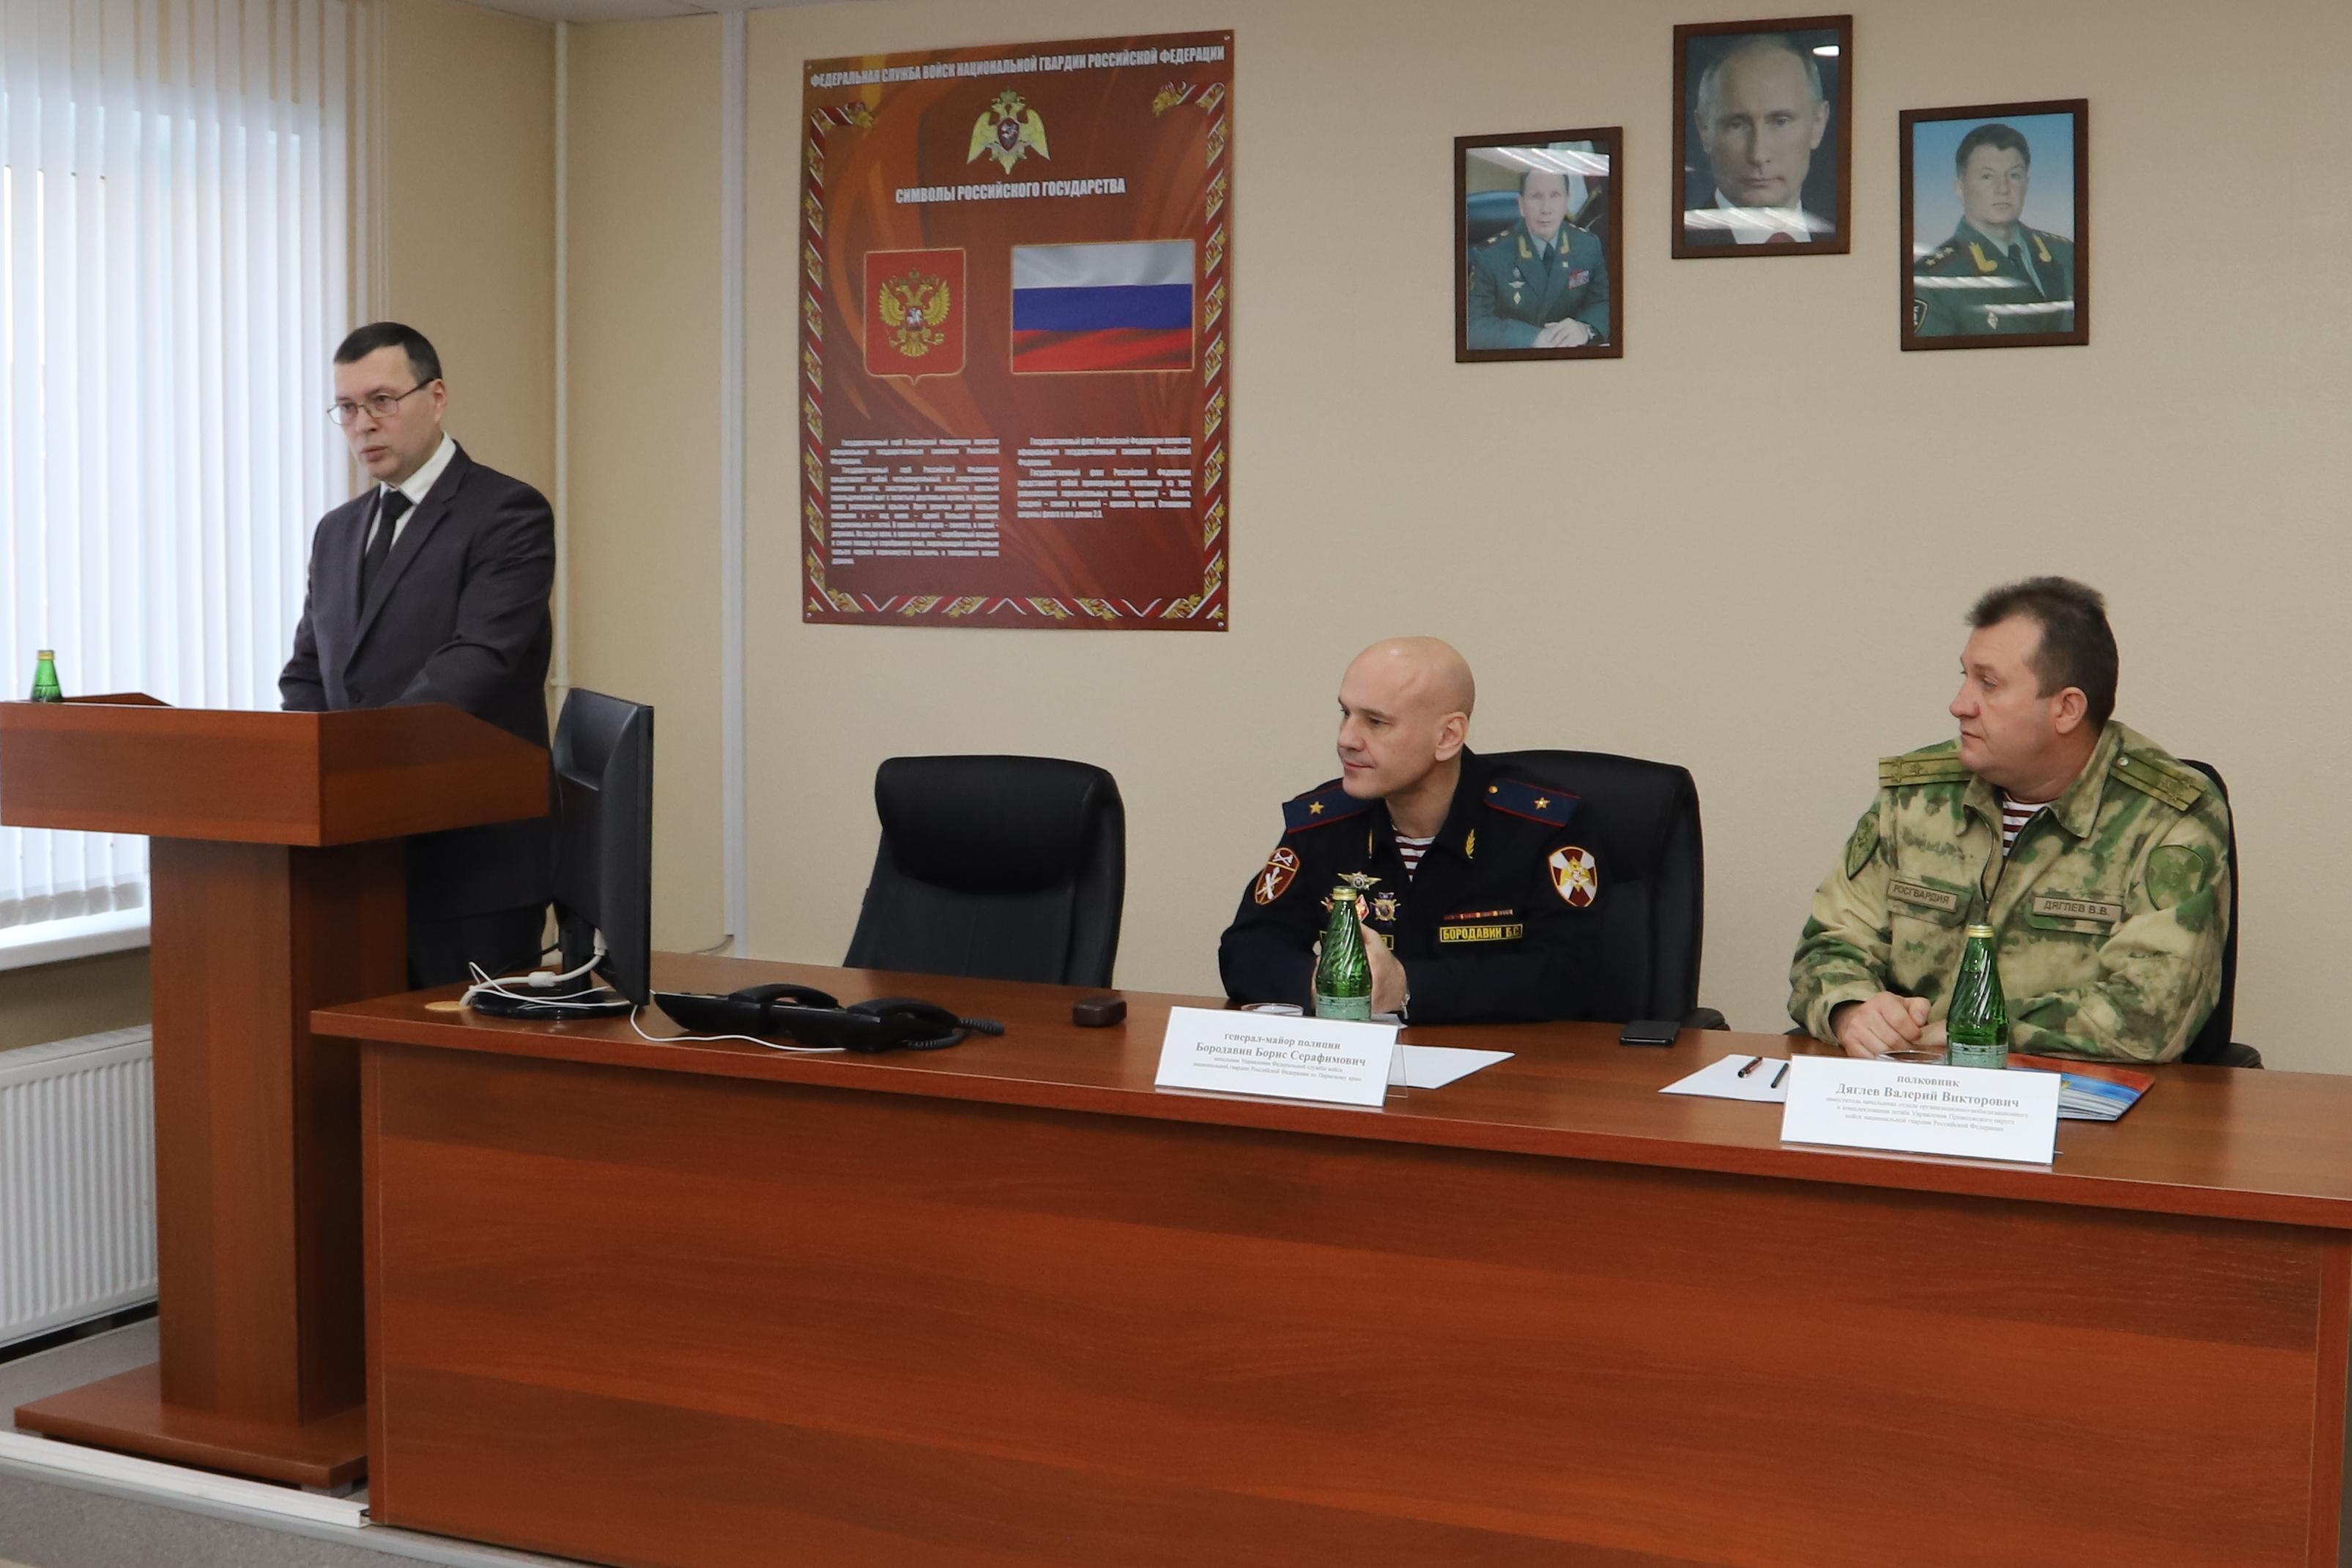 В Управлении Росгвардии по Пермскому краю подвели итоги служебно-боевой деятельности за 2019 год